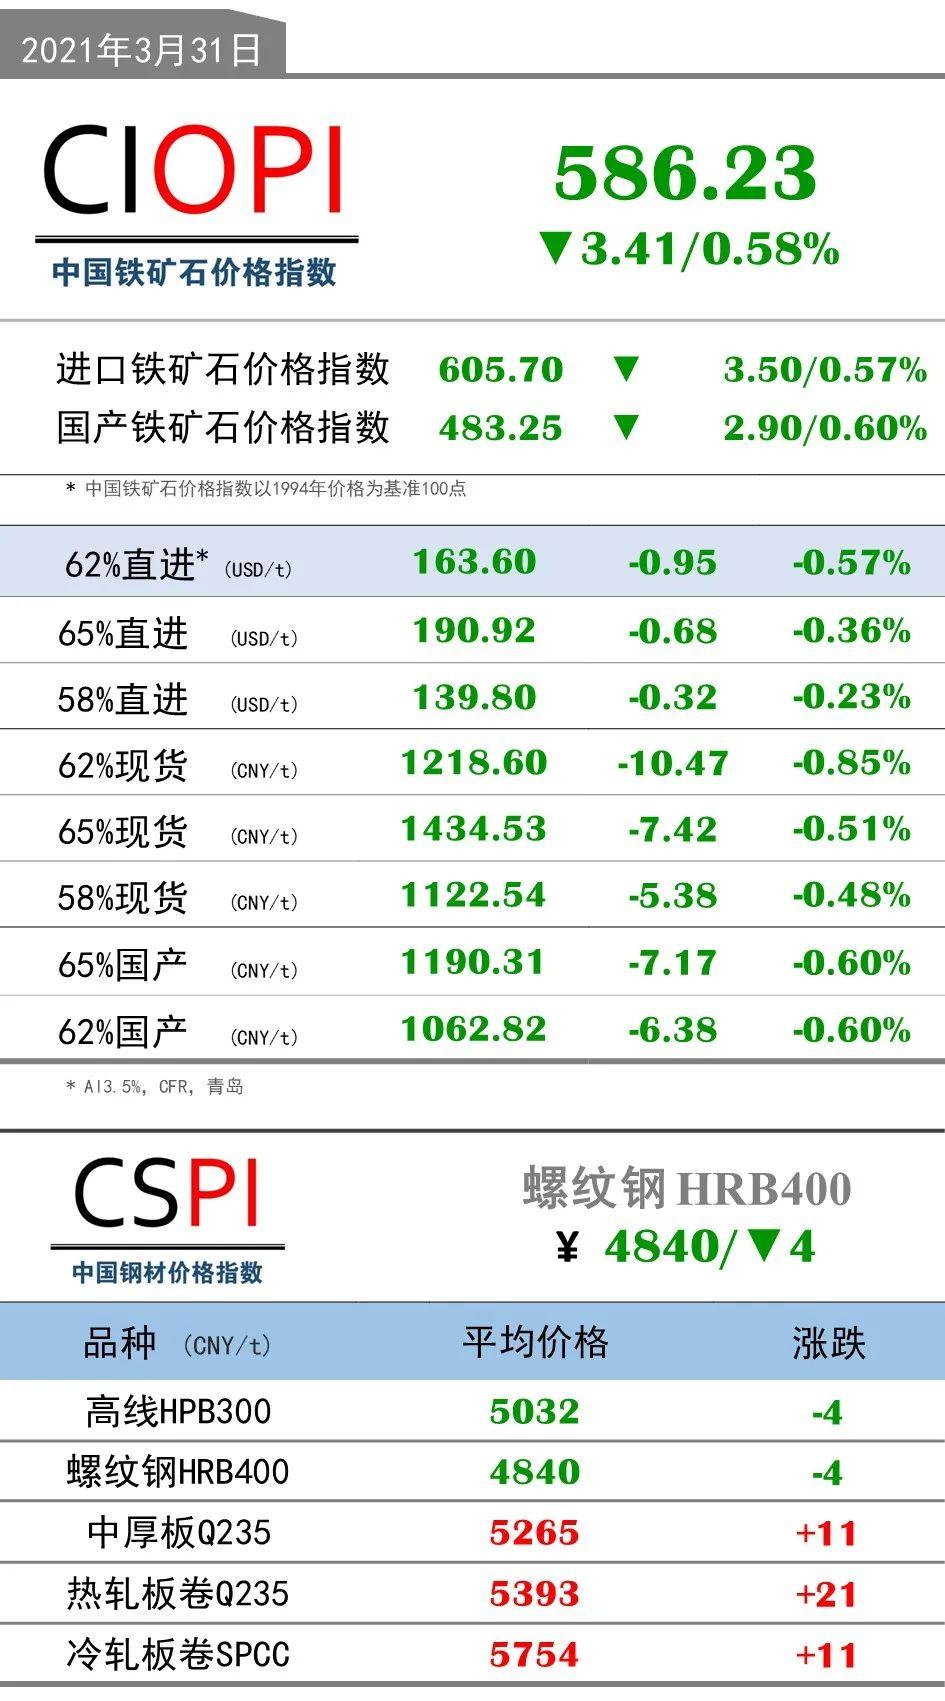 3月31日OPI 62%直进:163.60(-0.95/-0.57%)